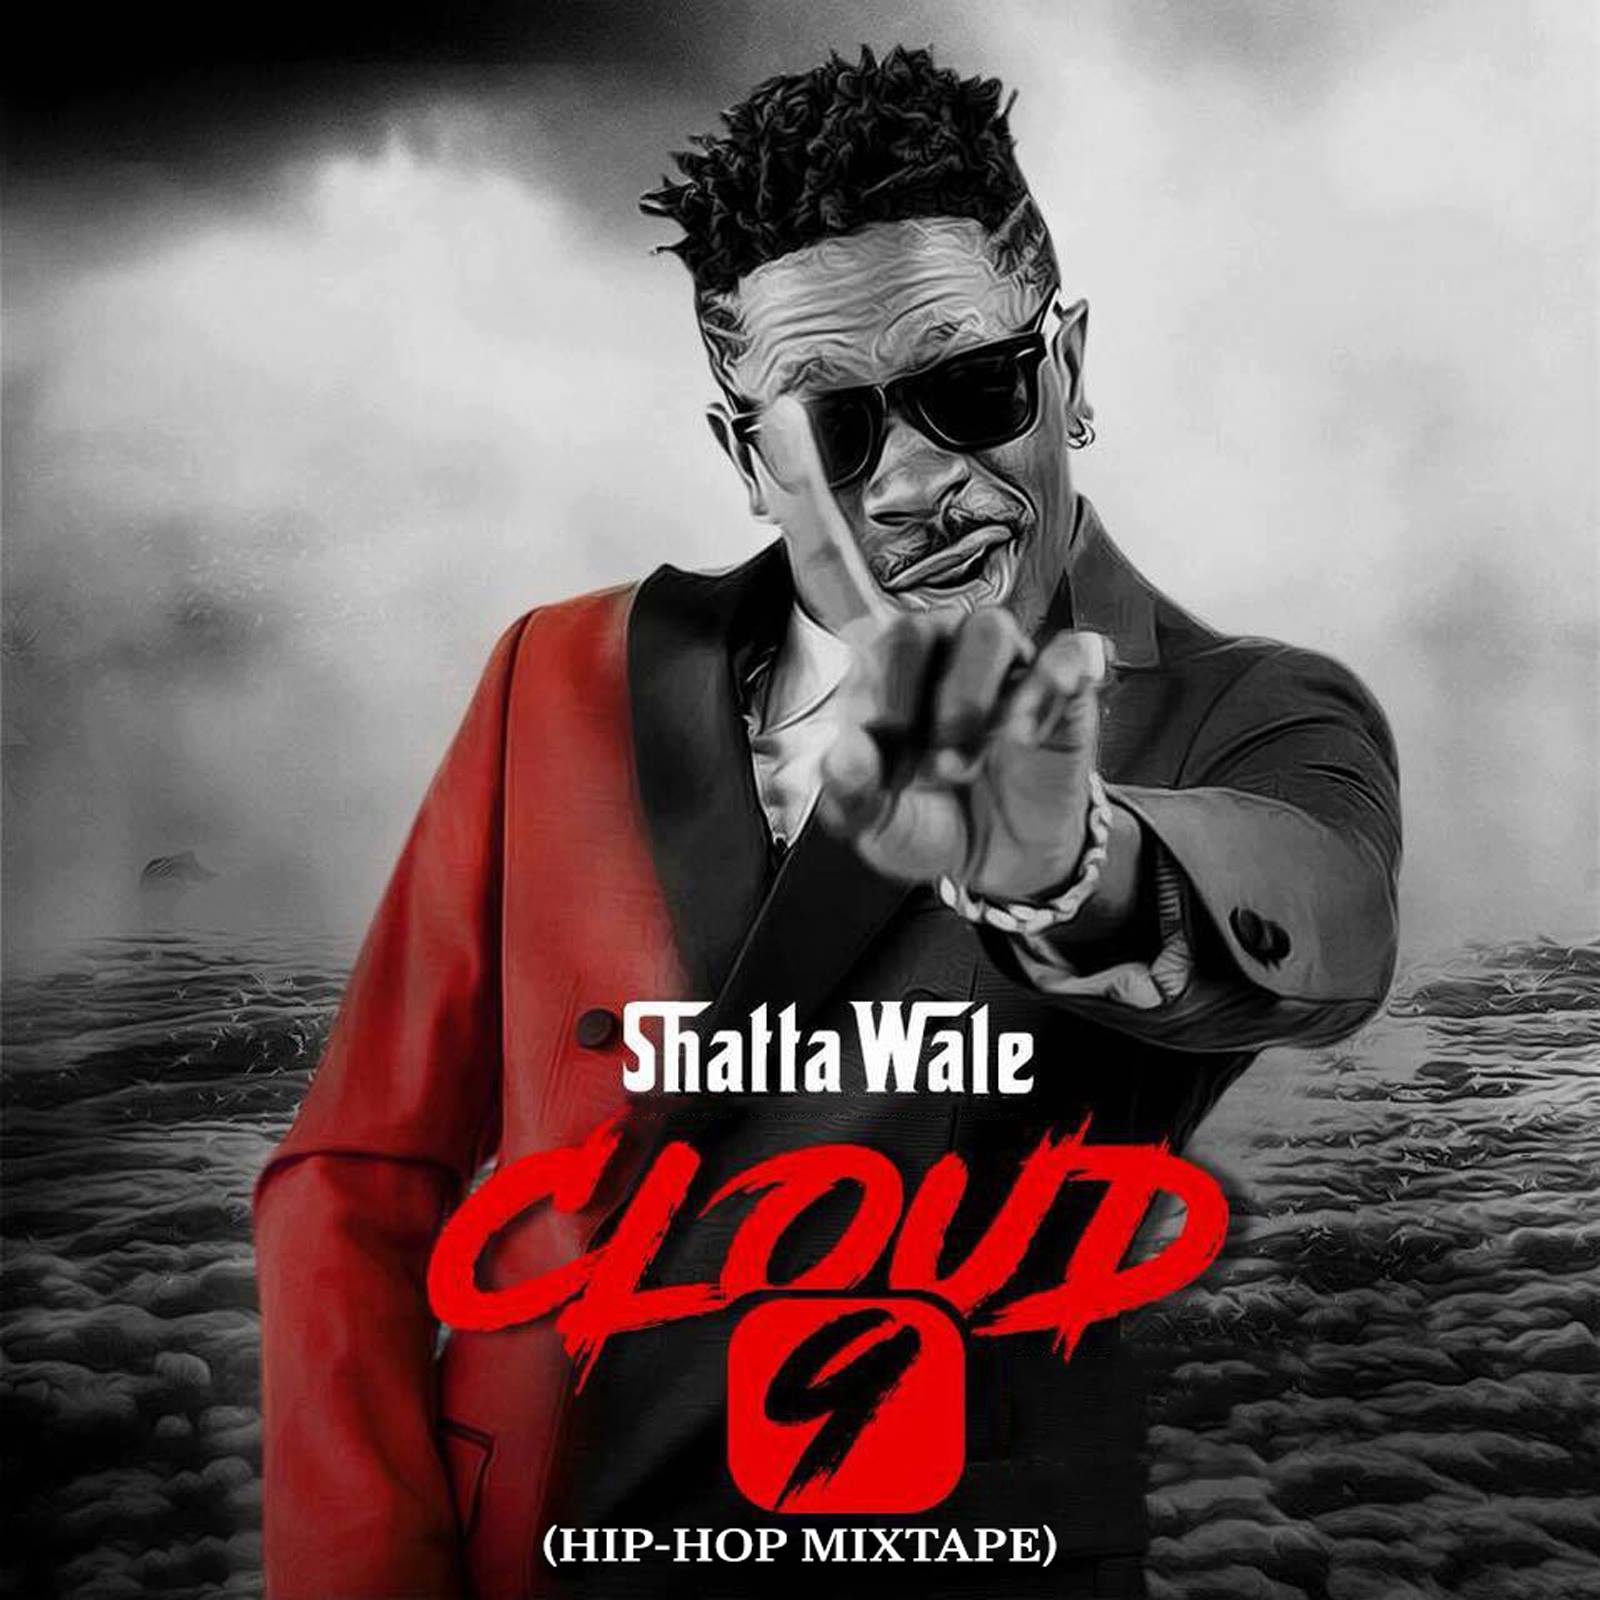 Cloud 9 by Shatta Wale